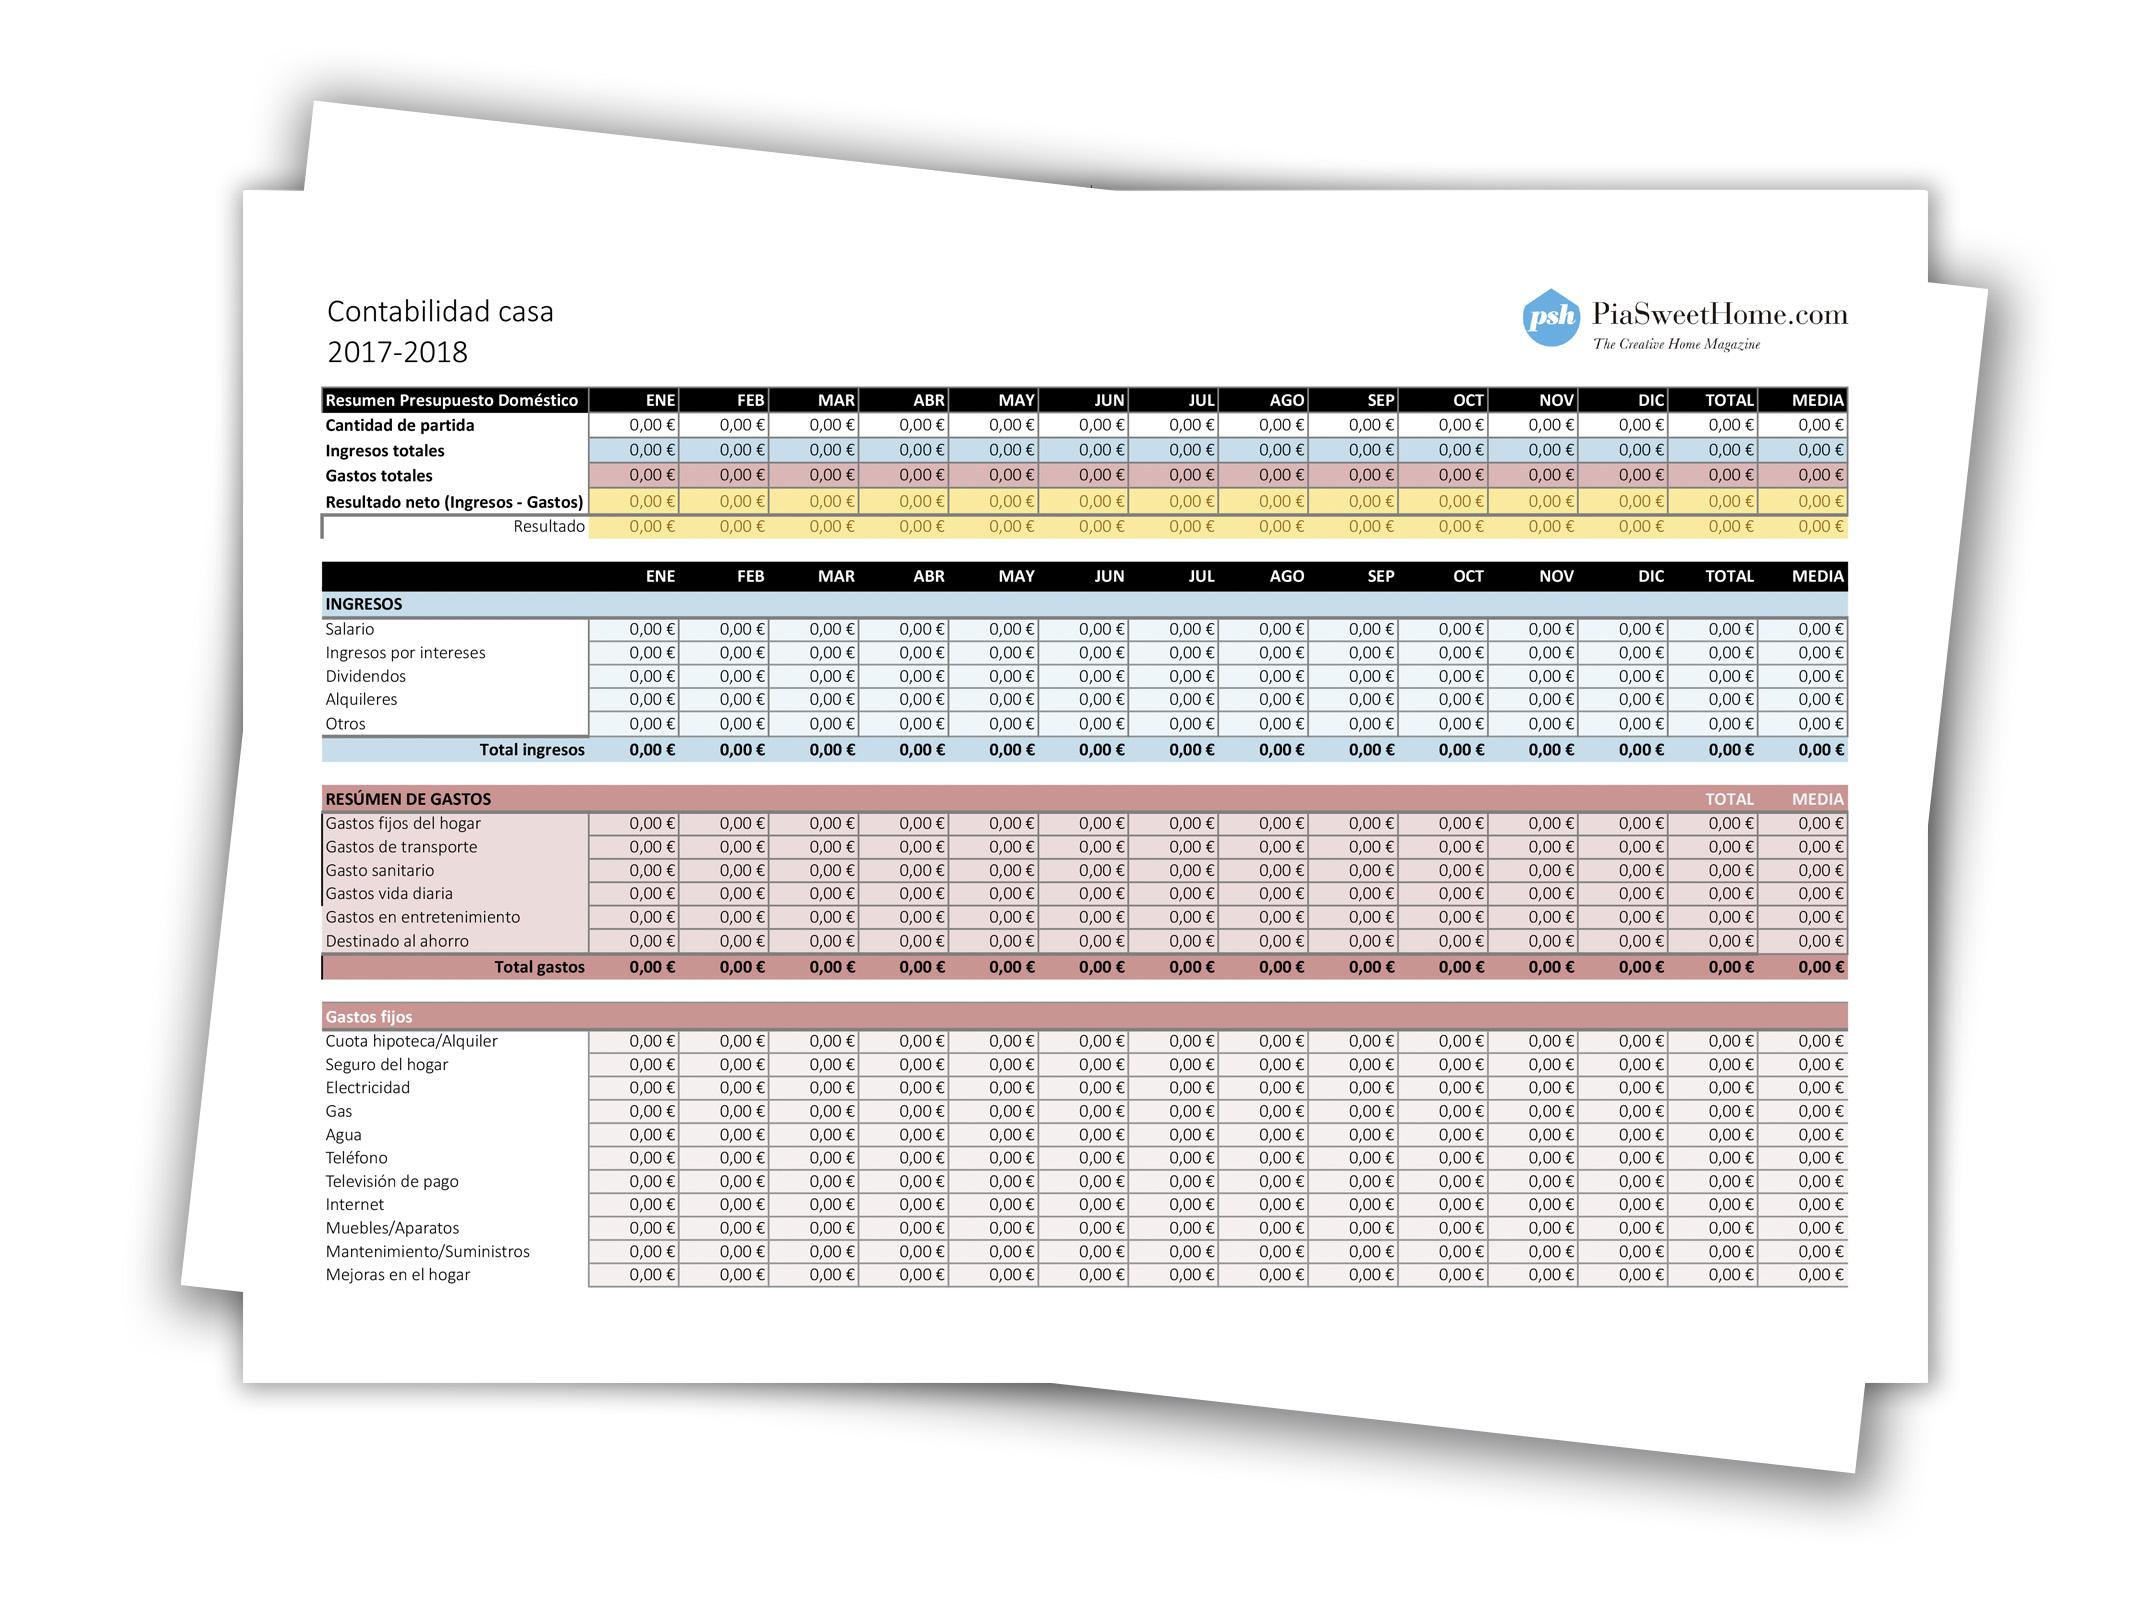 Plantilla Contabilidad Mensual editable en Excel | PiaSweetHome